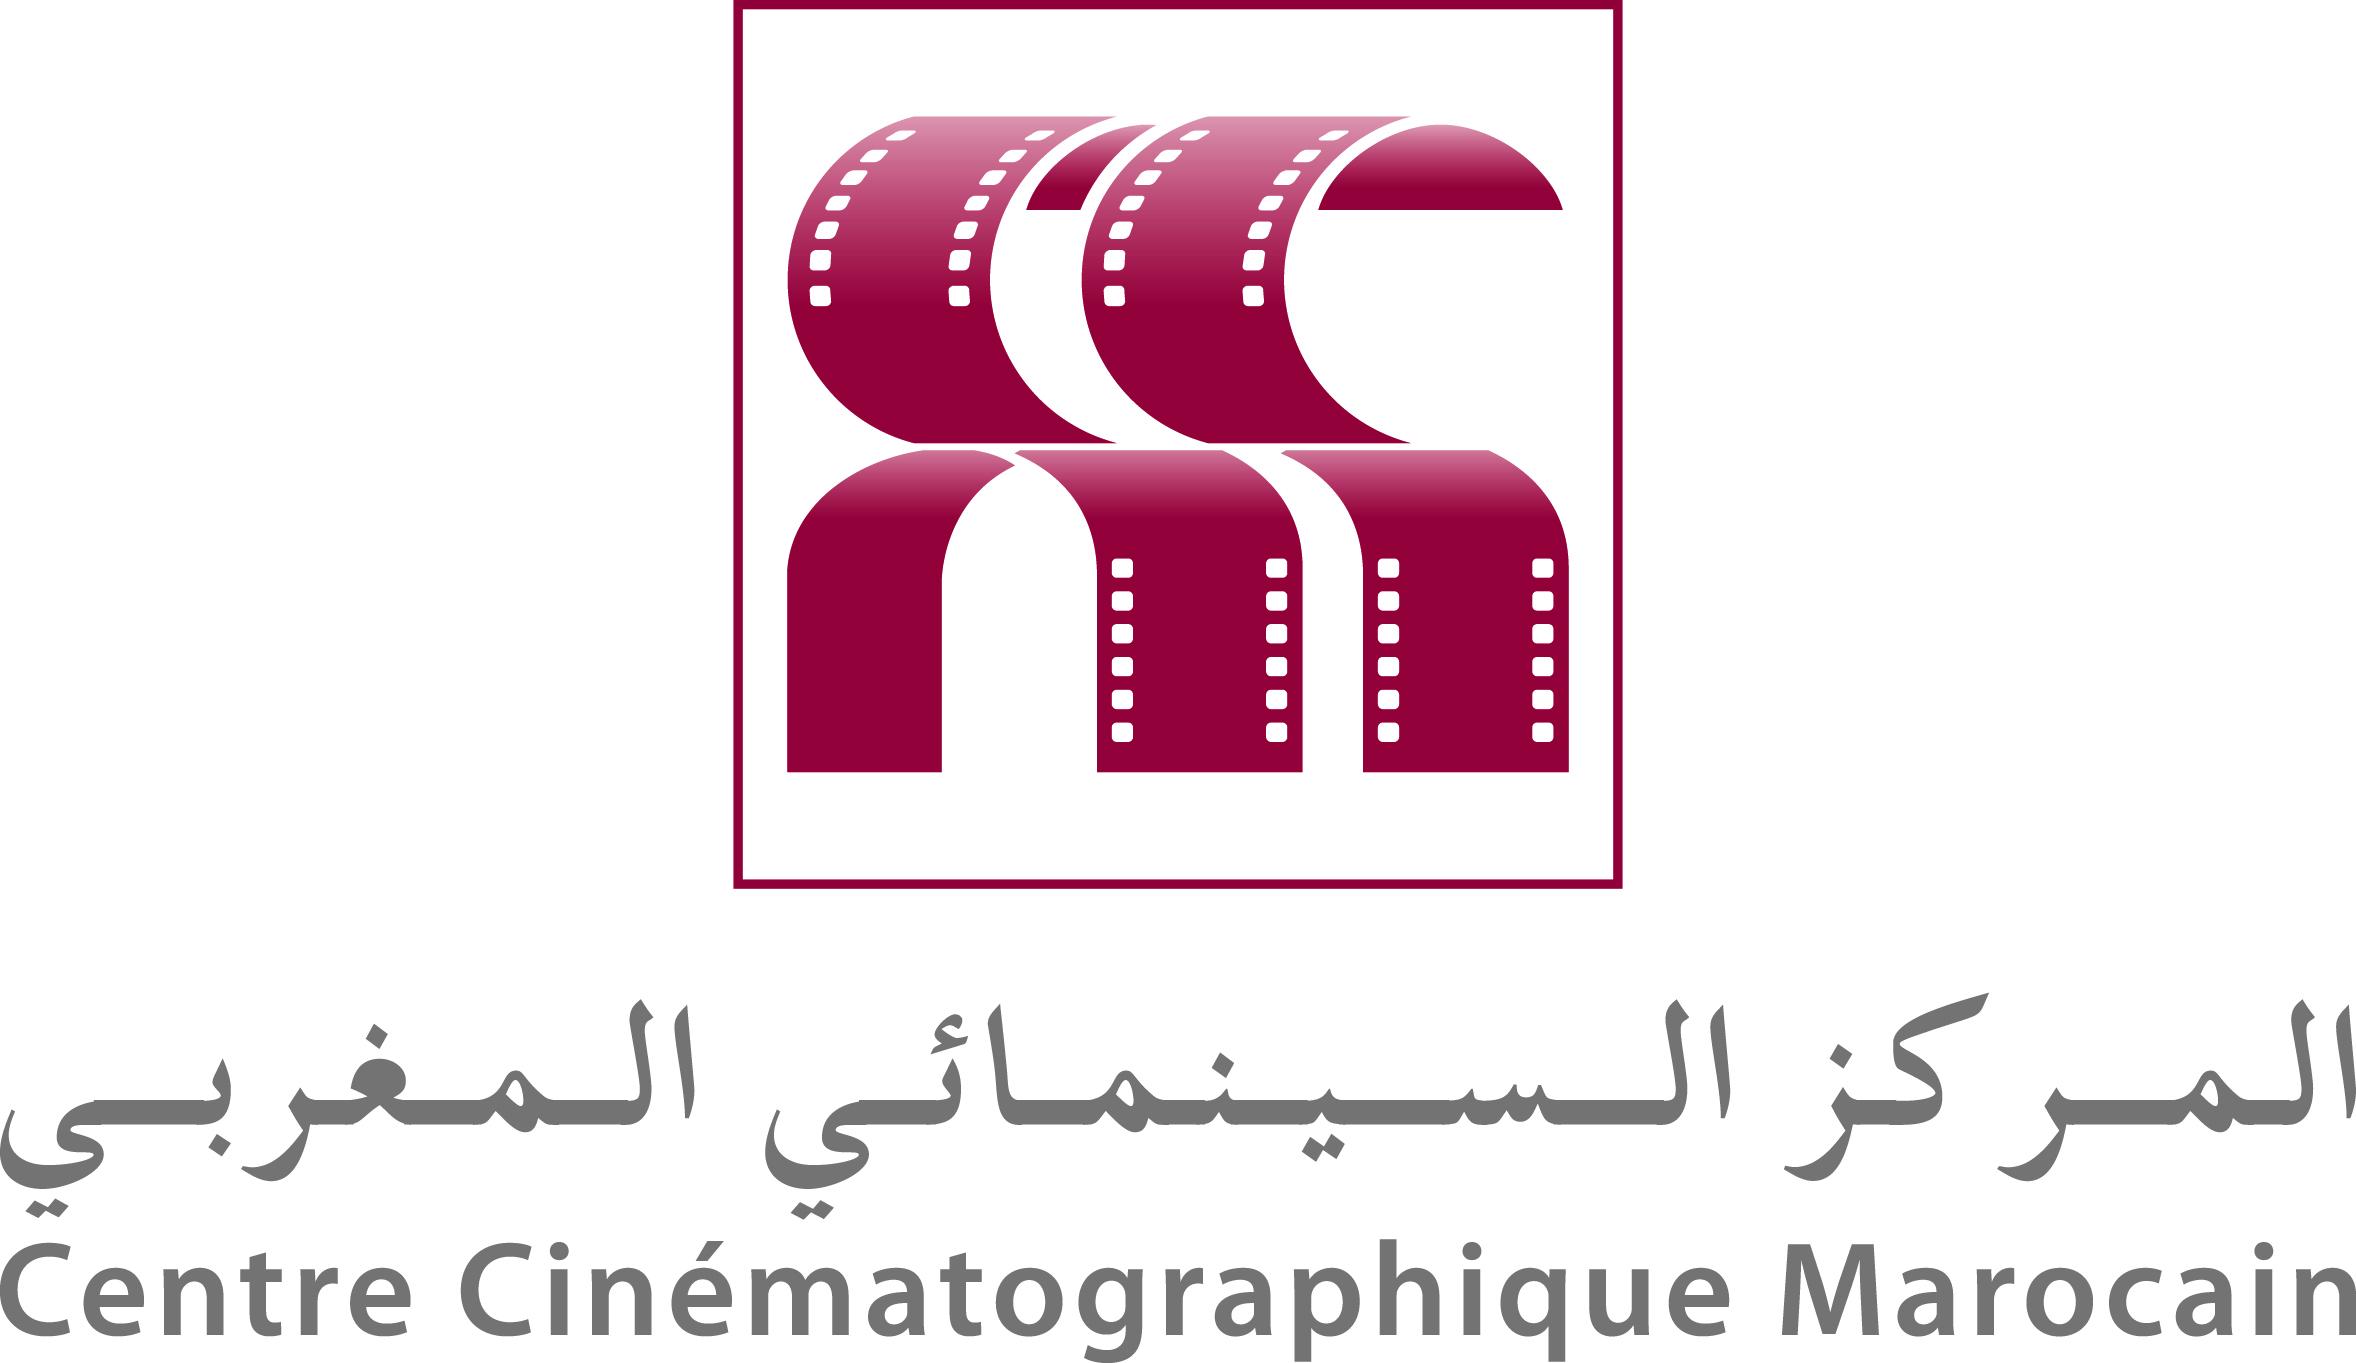 Centre Cinématographique Marocain (CCM)